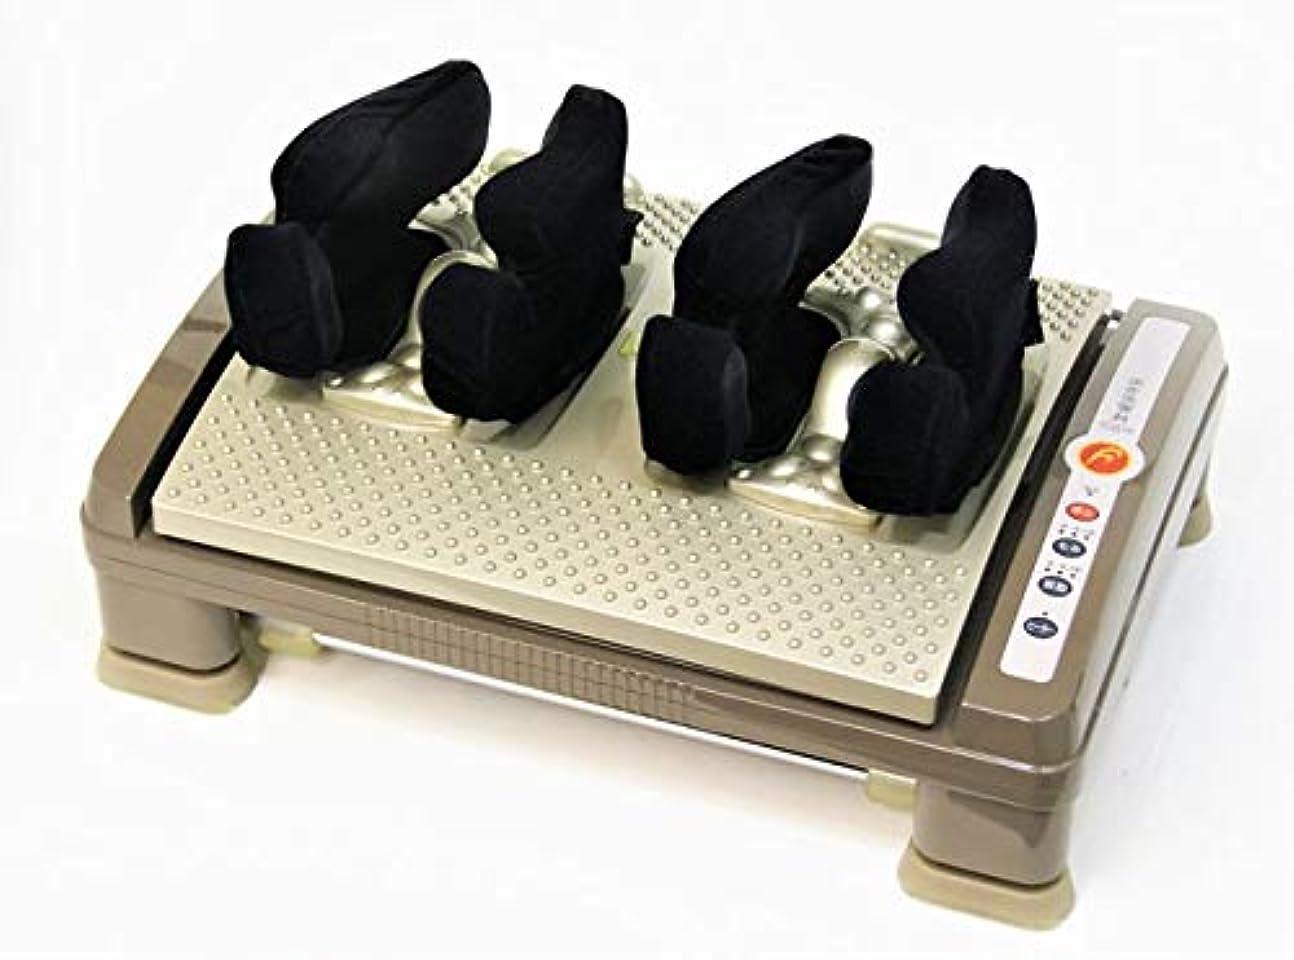 オレンジバウンスメールを書くフランス総合医療株式会社 MF-5100 フットマッサージャー 『歩きま専科』 電気マッサージ器